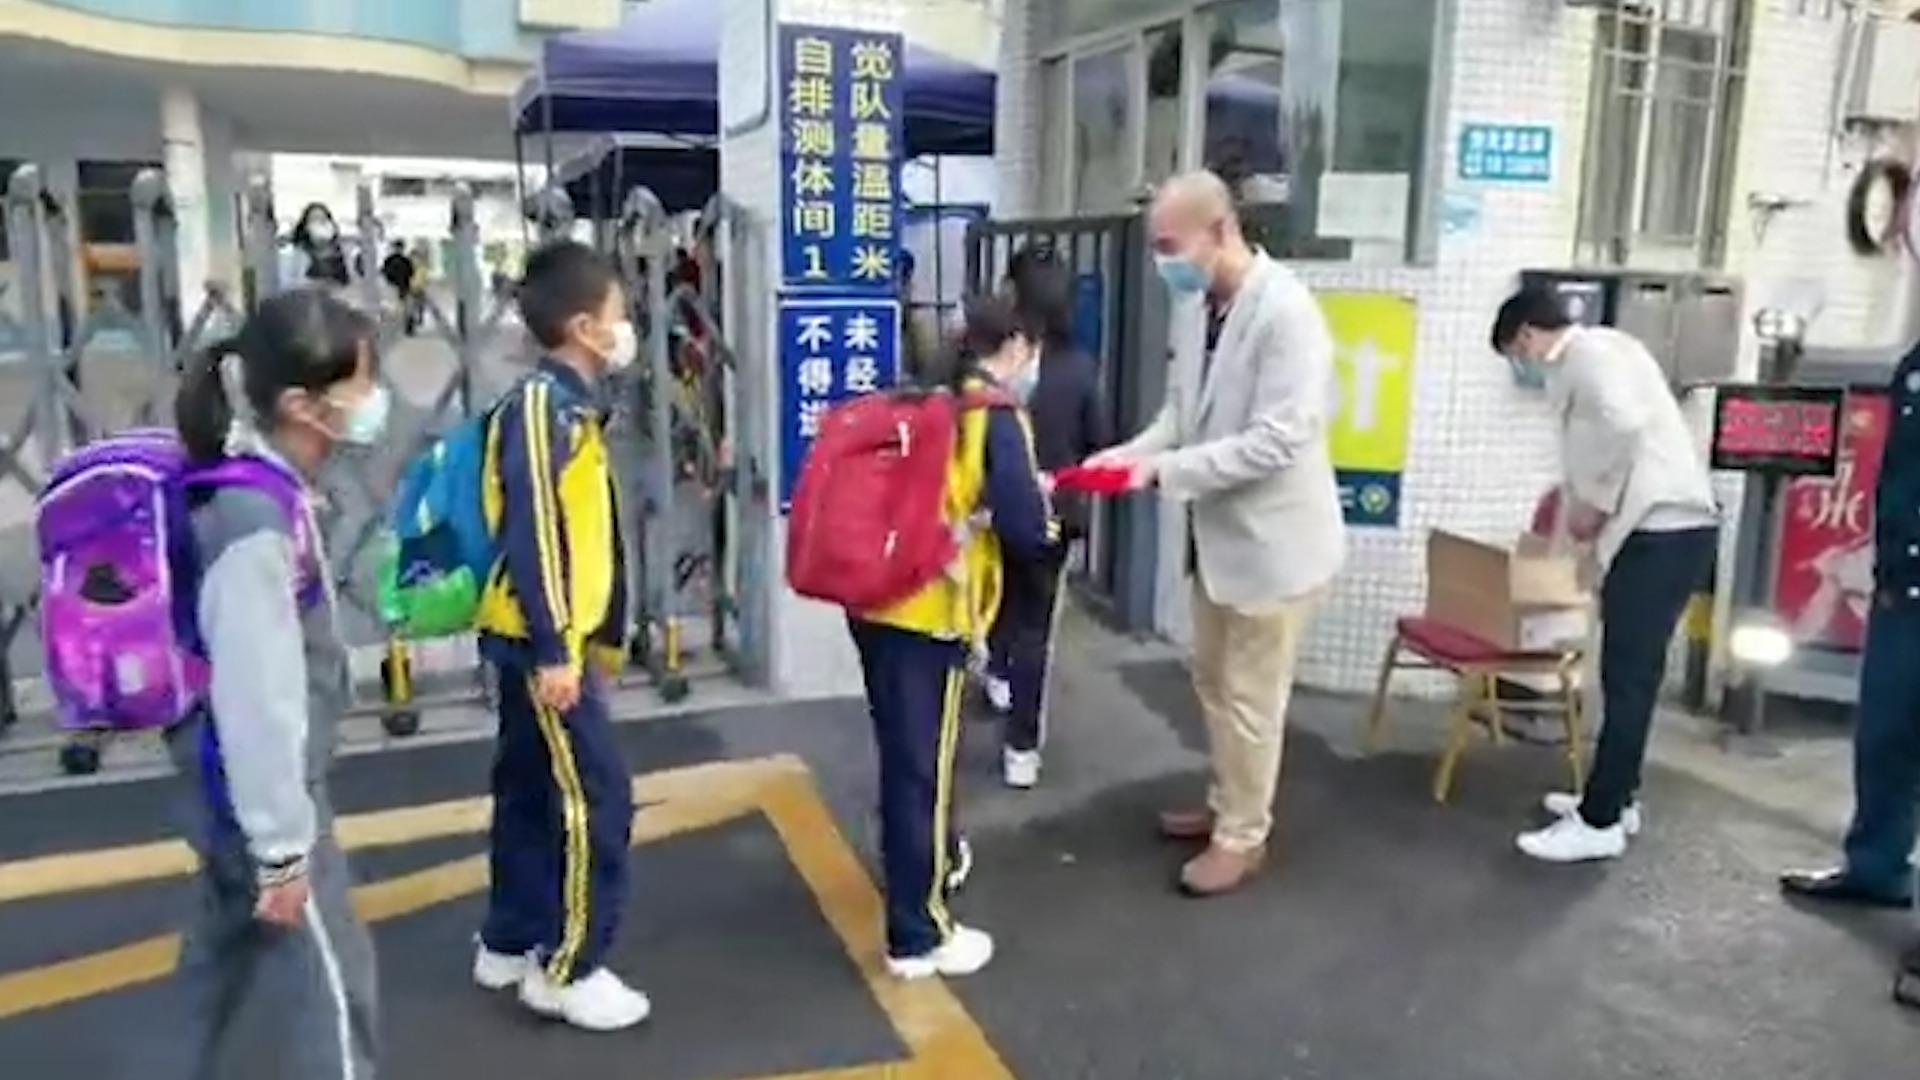 元宵佳节扬传统文化,深圳罗湖一学校发祝福红包传递节日魅力